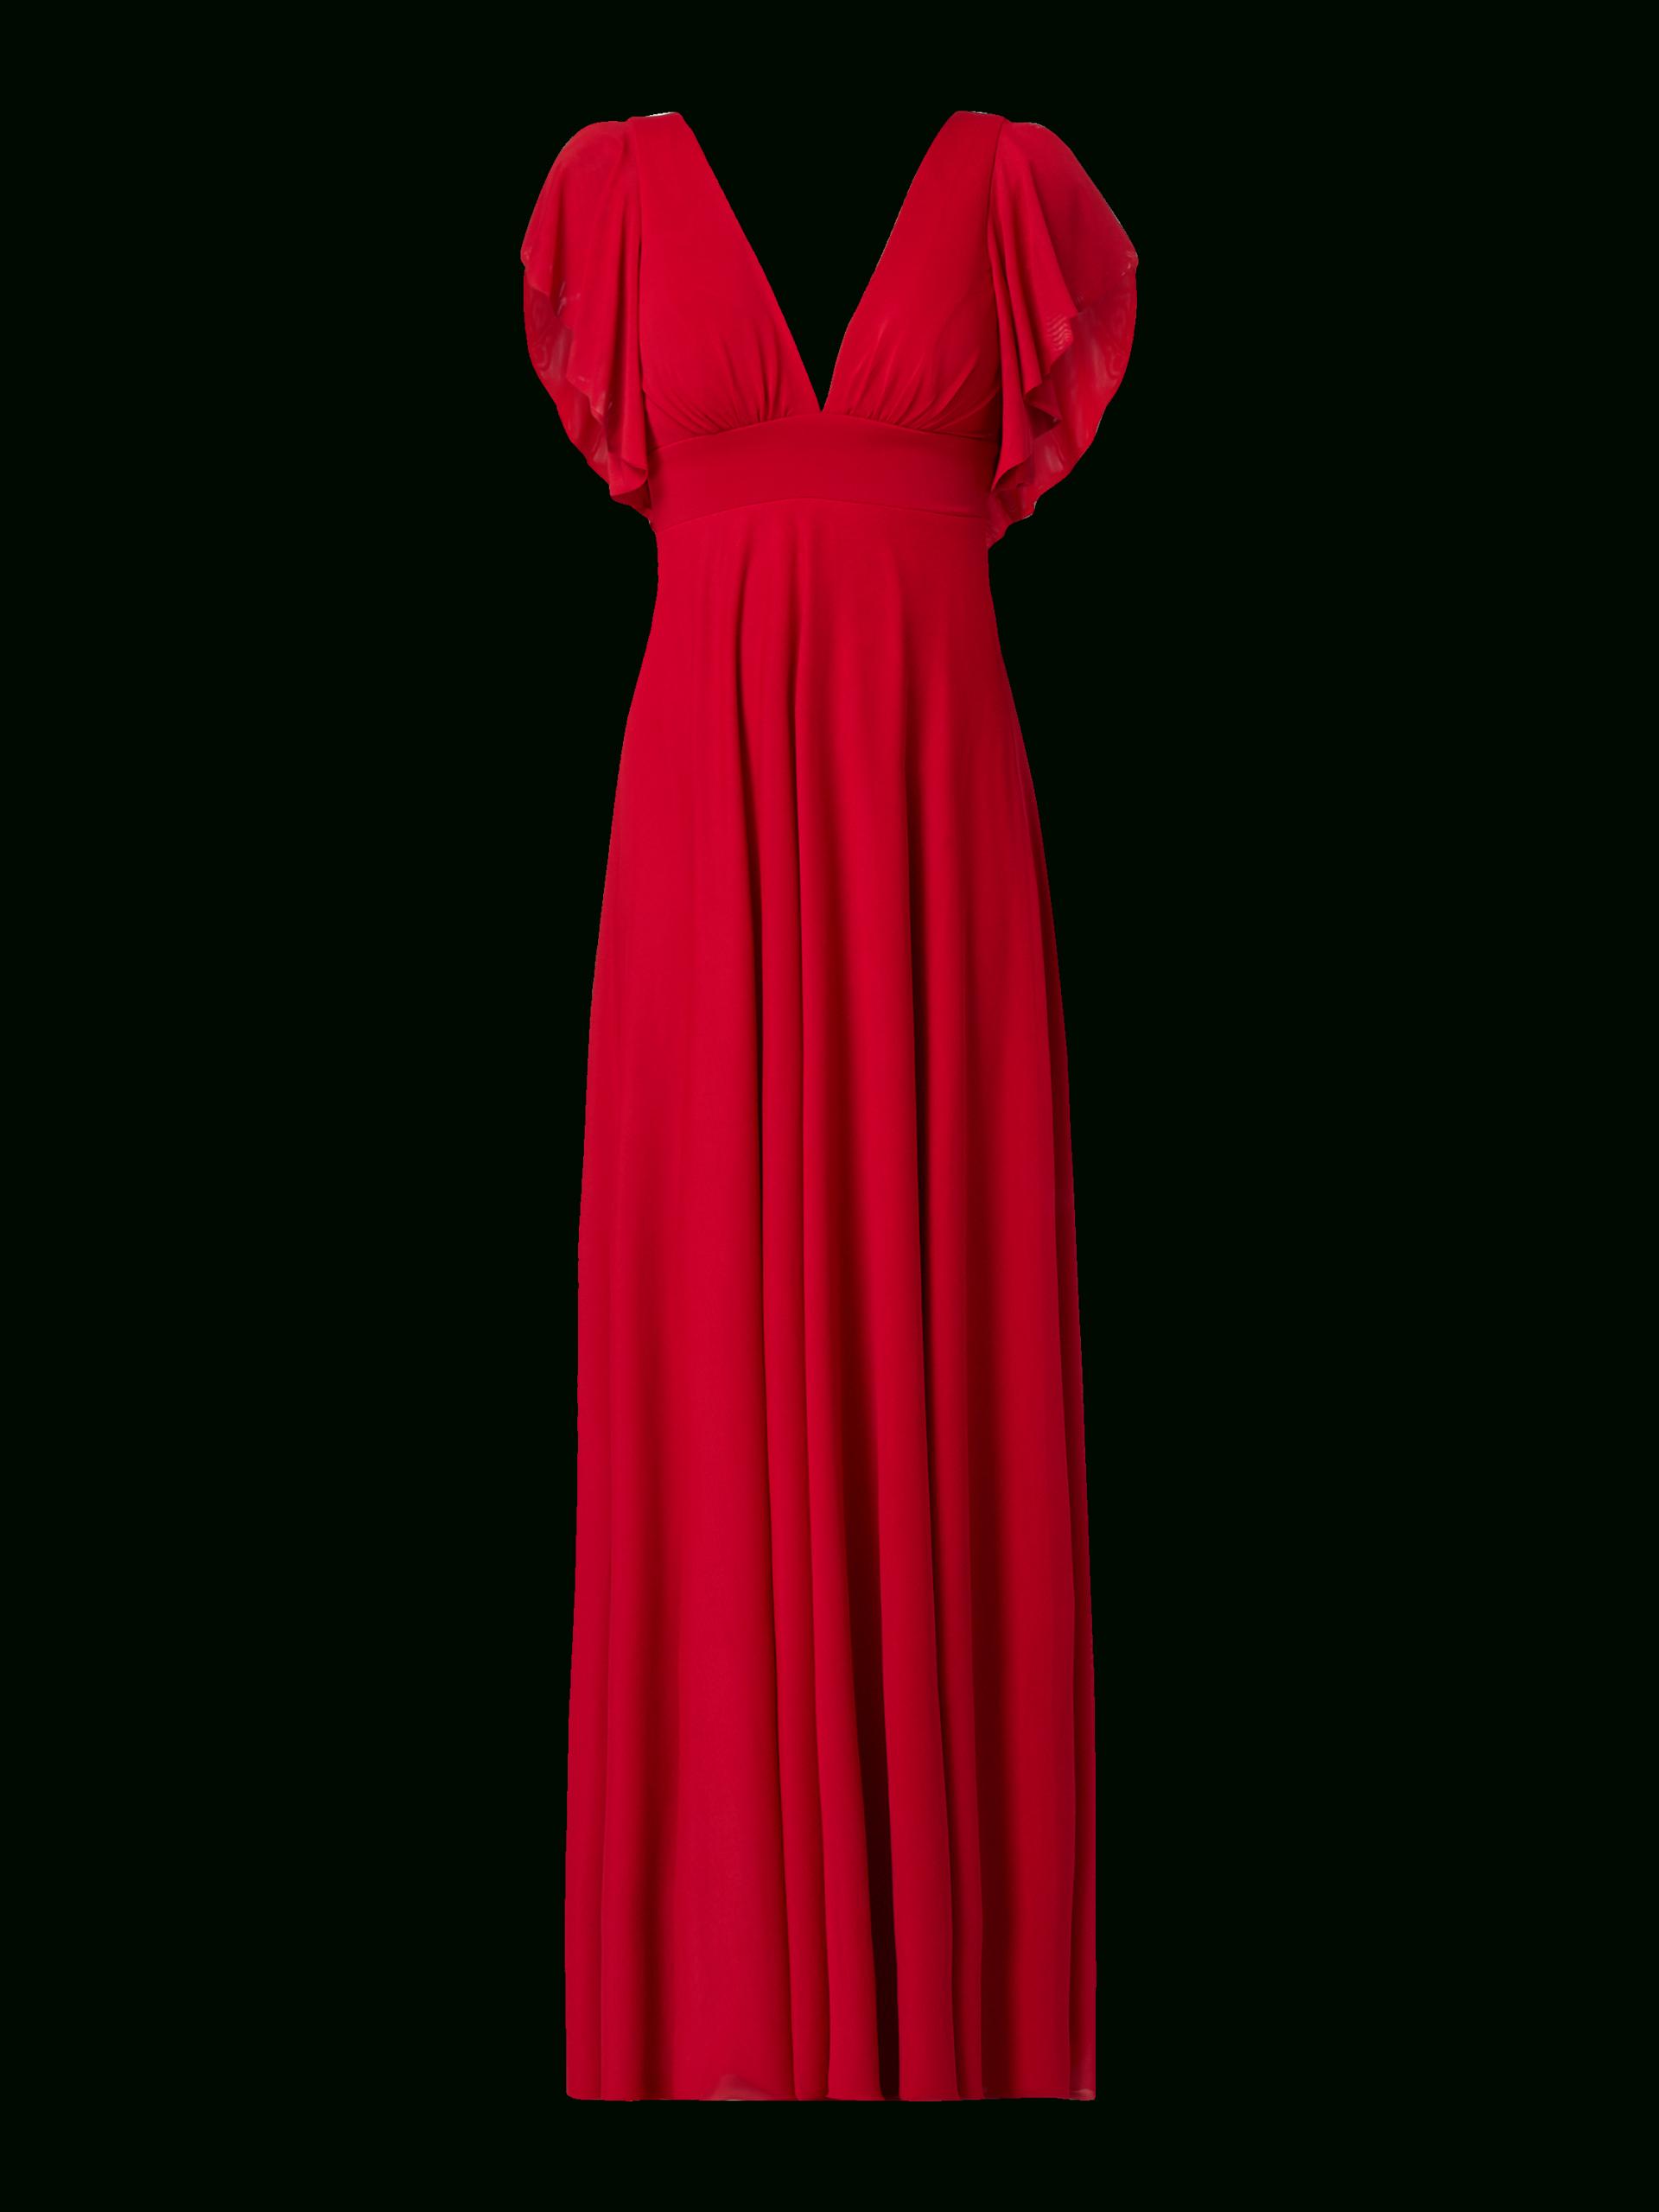 20 Genial Troyden Abendkleid Bester Preis20 Cool Troyden Abendkleid für 2019